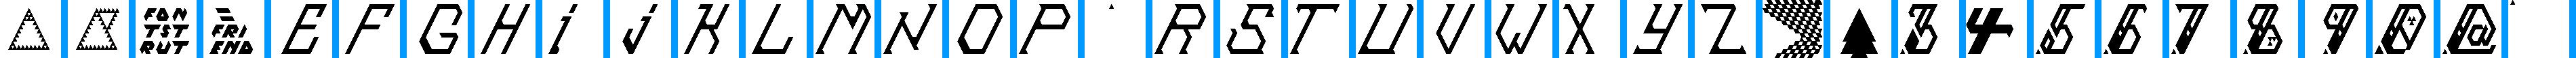 Particip-a-type v.326